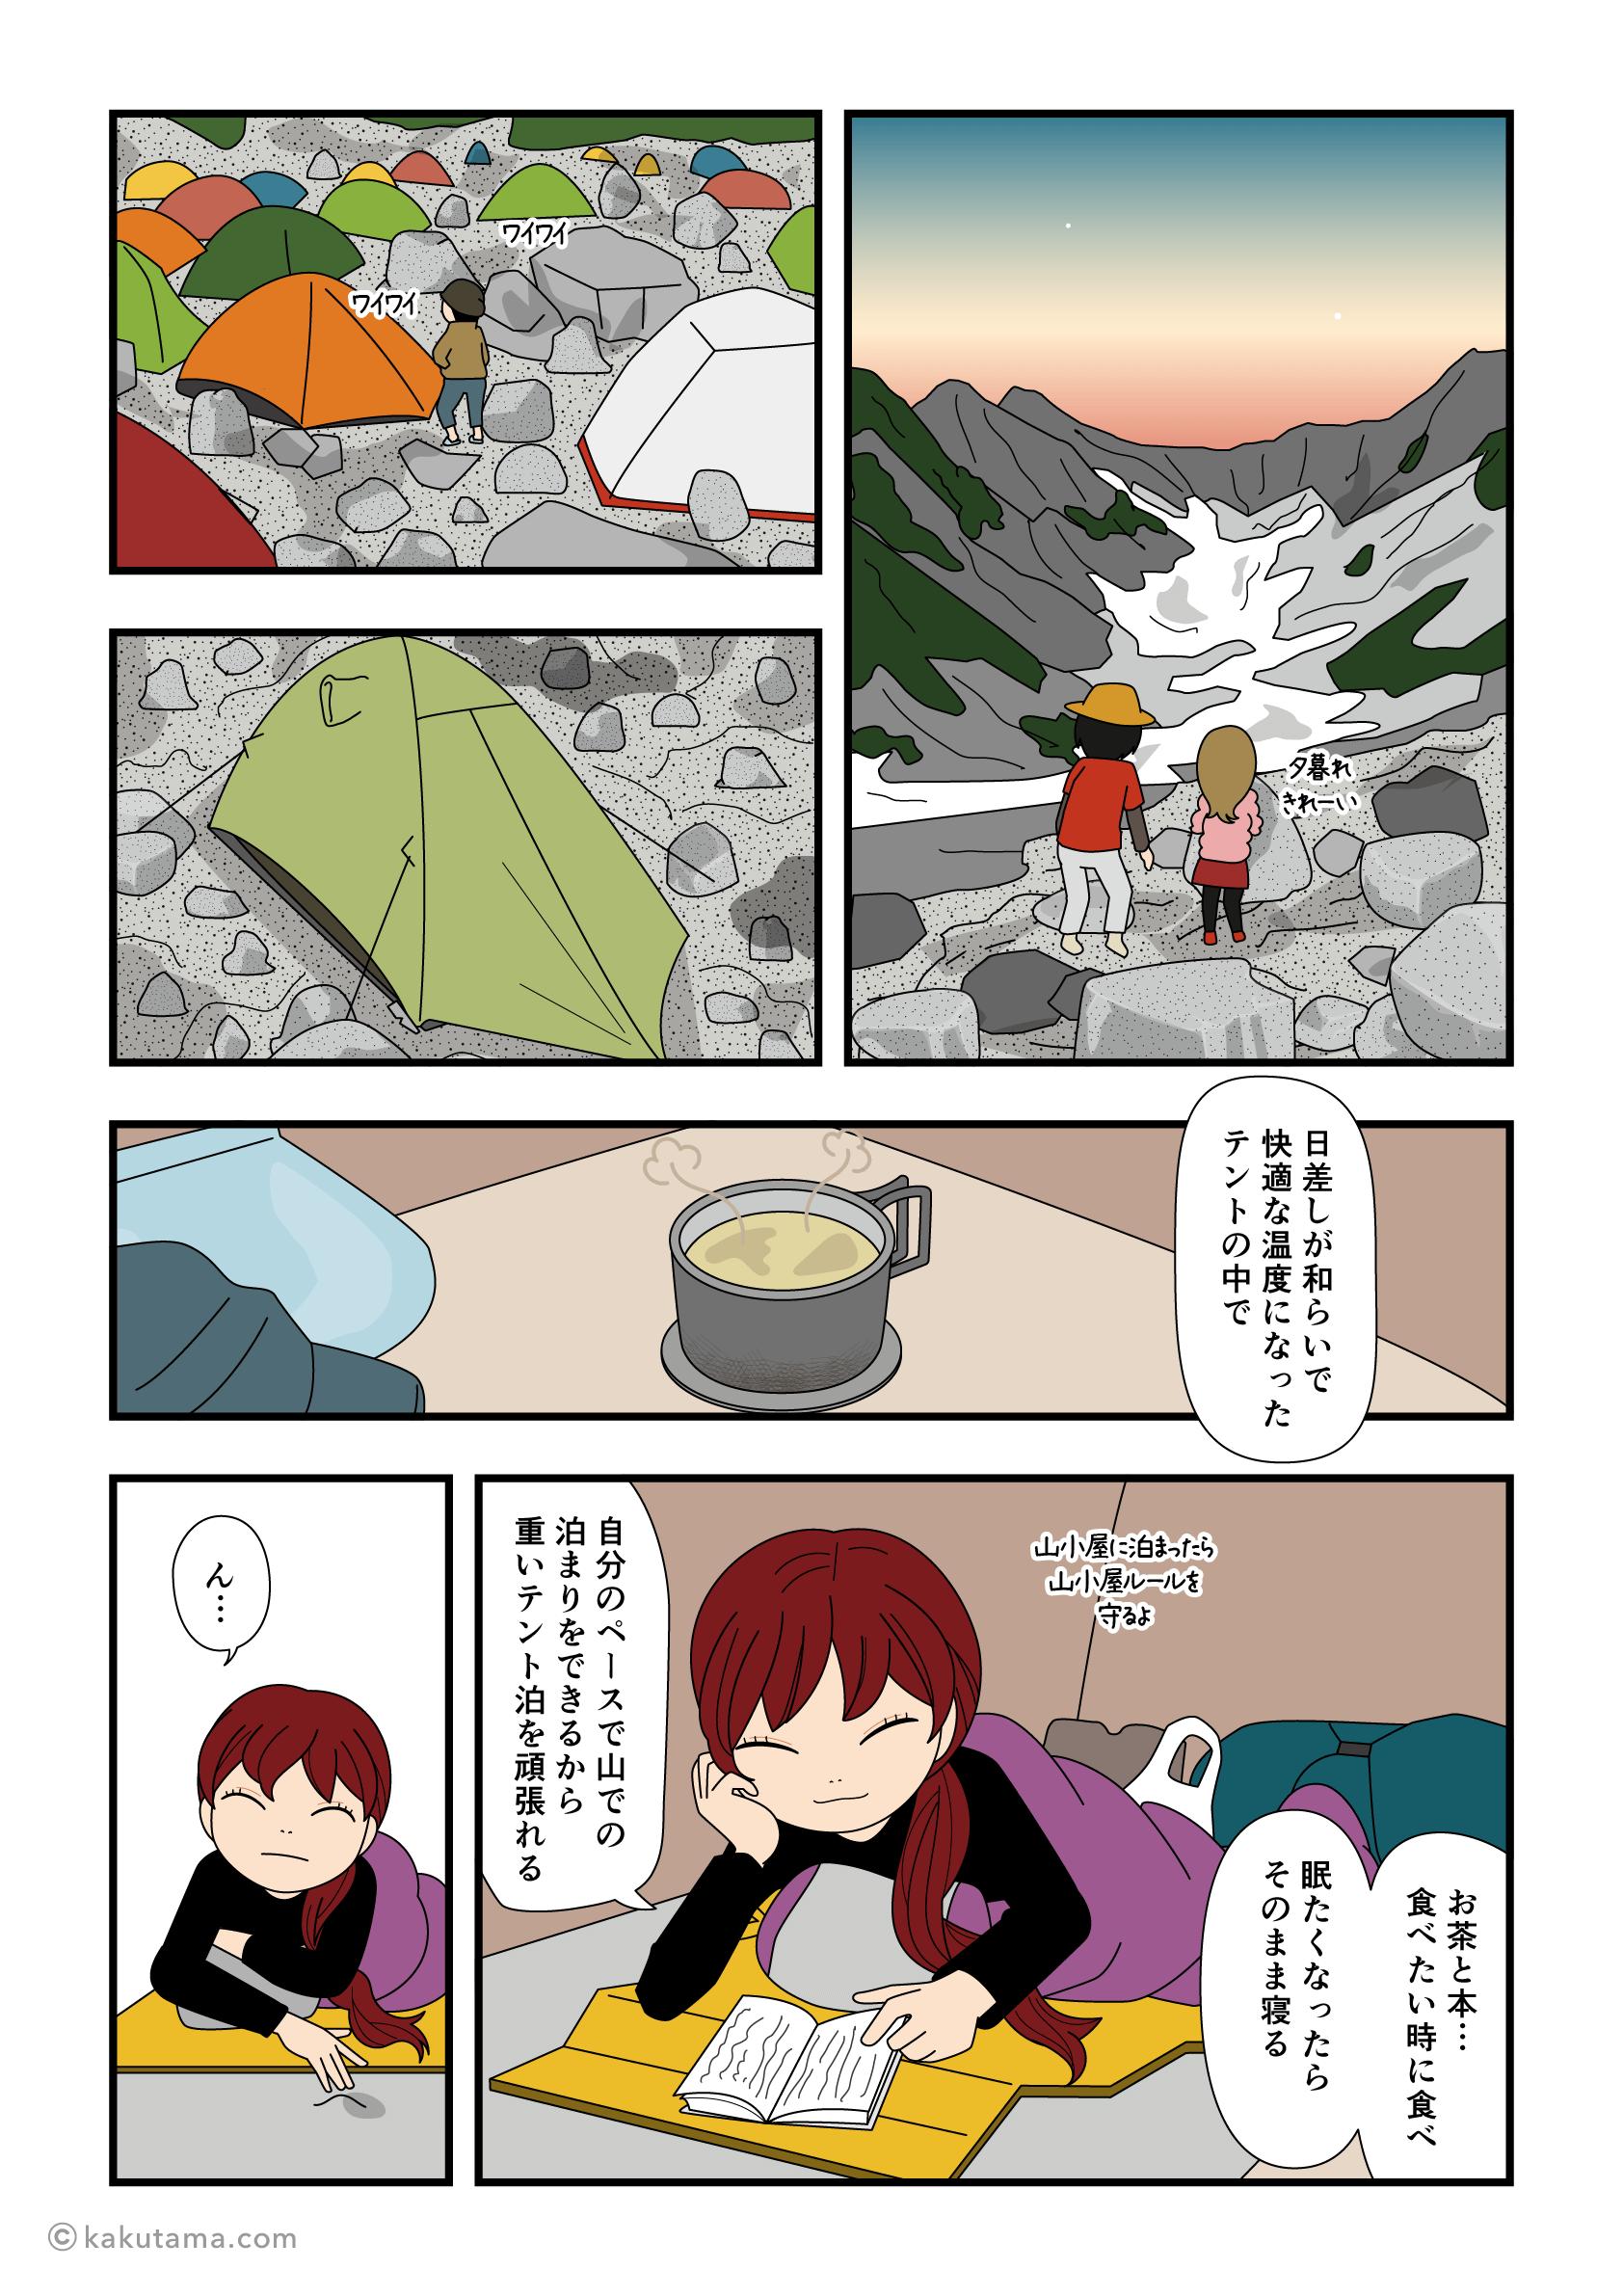 山でマイペースで泊まれるためにテント泊を選択した登山者の漫画